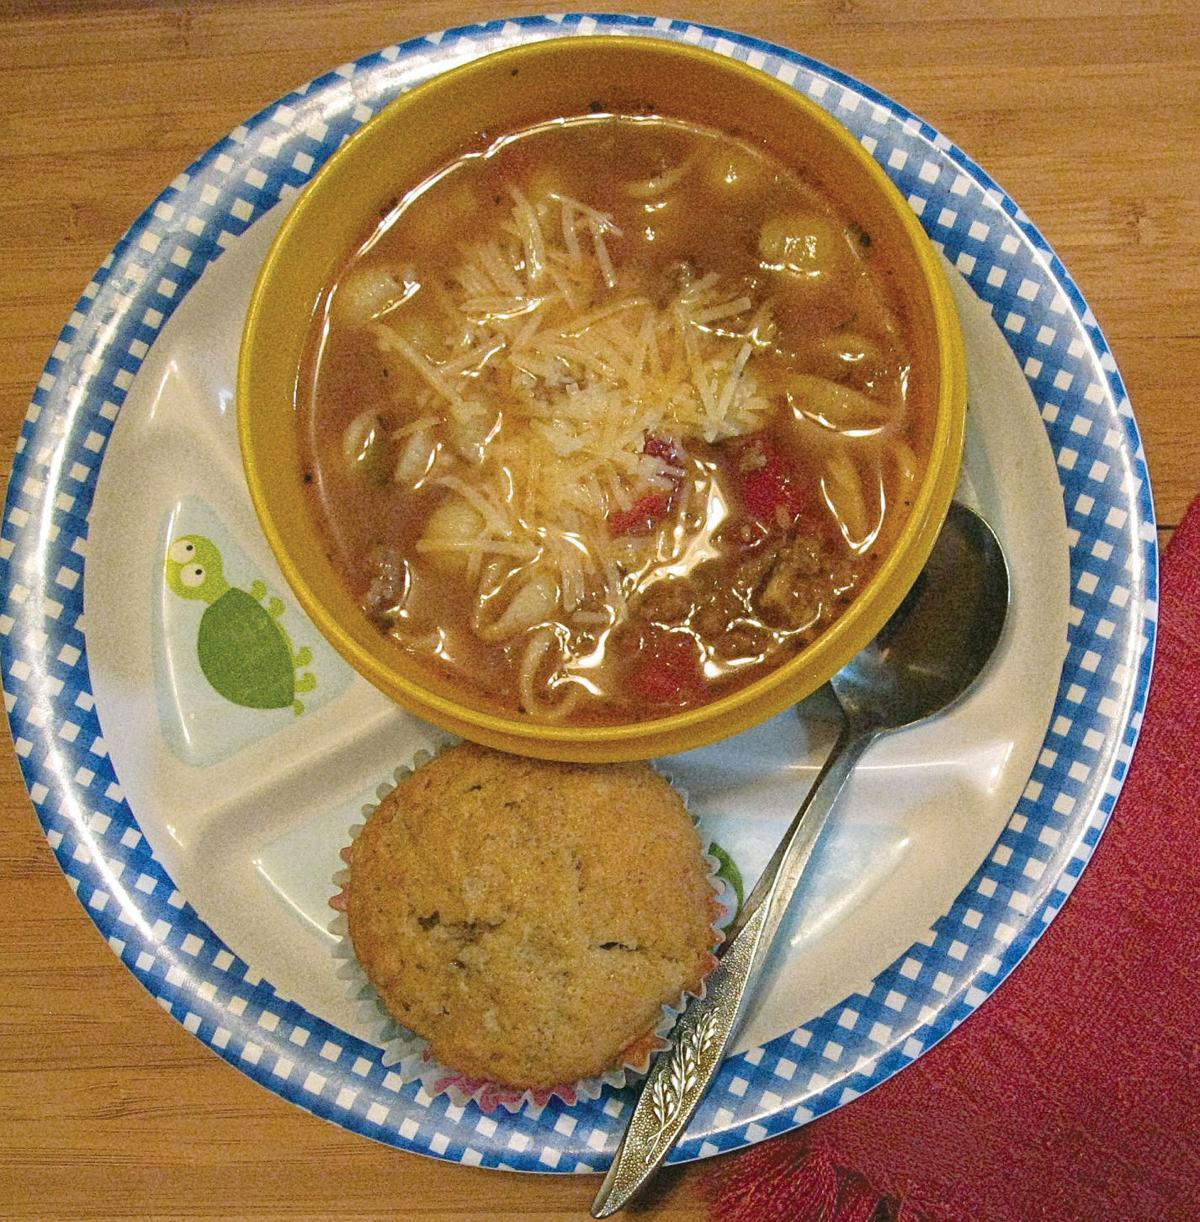 Lasagna soup and banana muffin